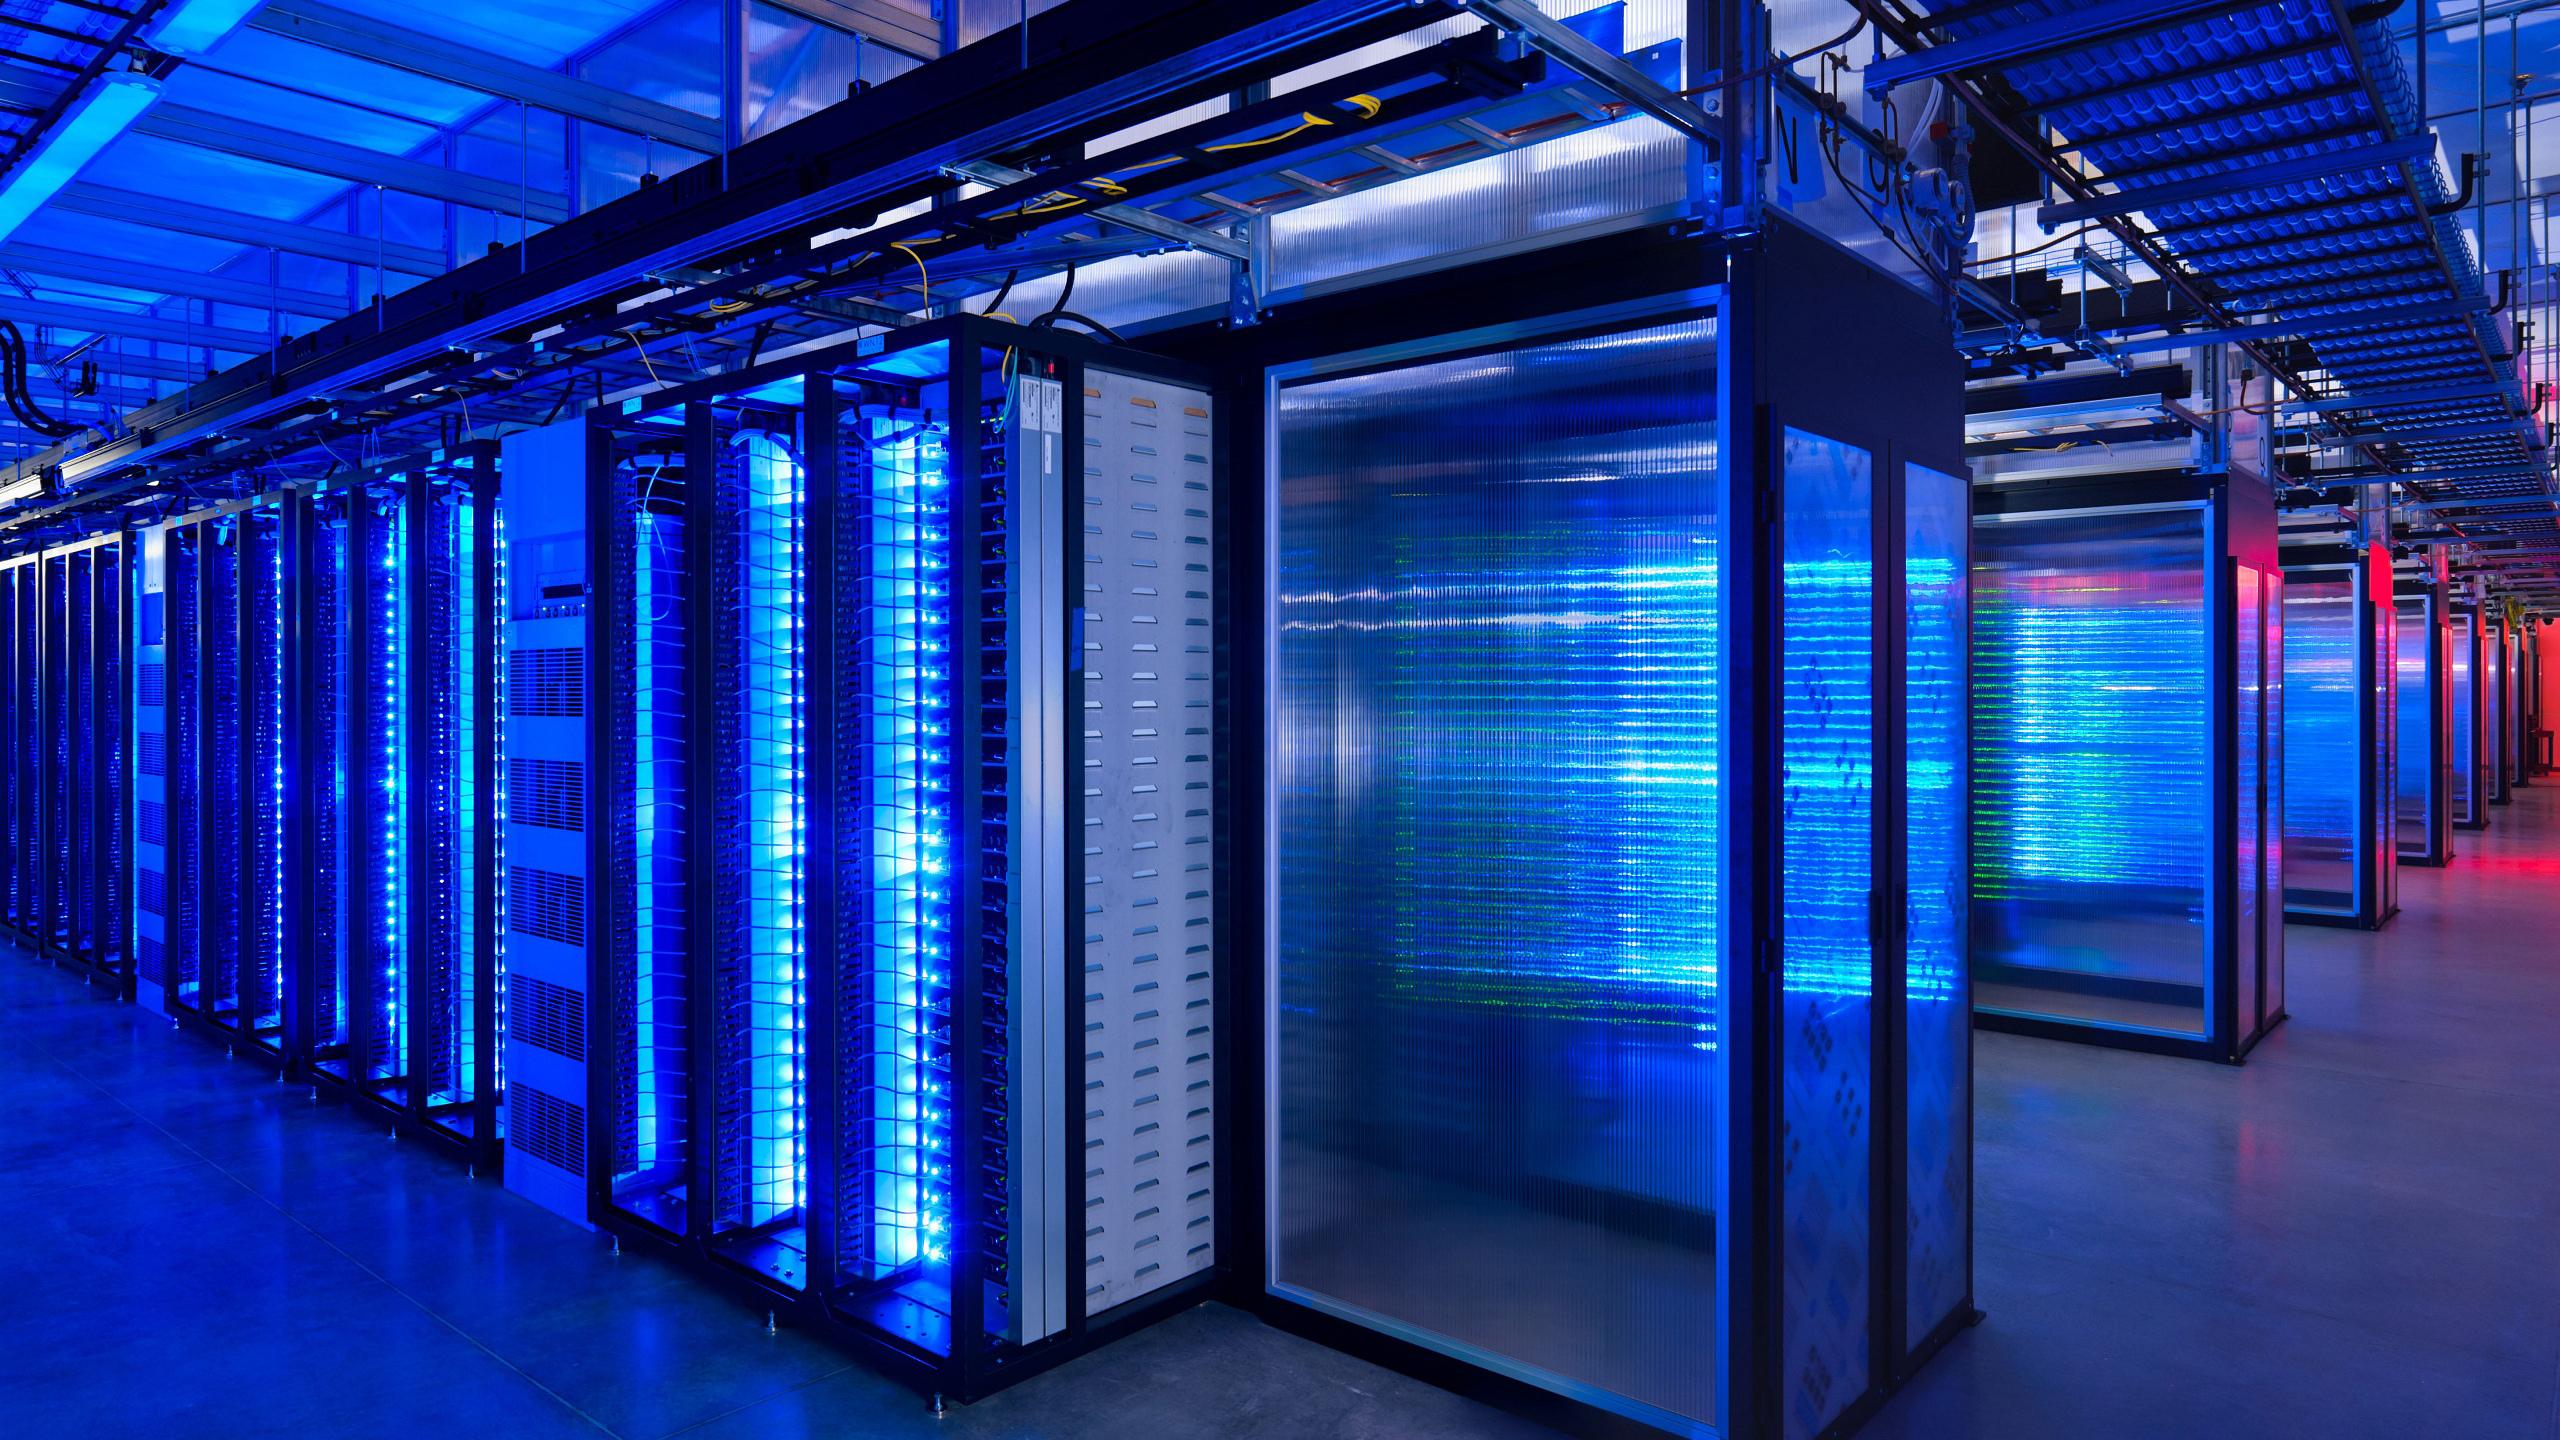 Виртуализация систем хранения — современная замена файл серверов